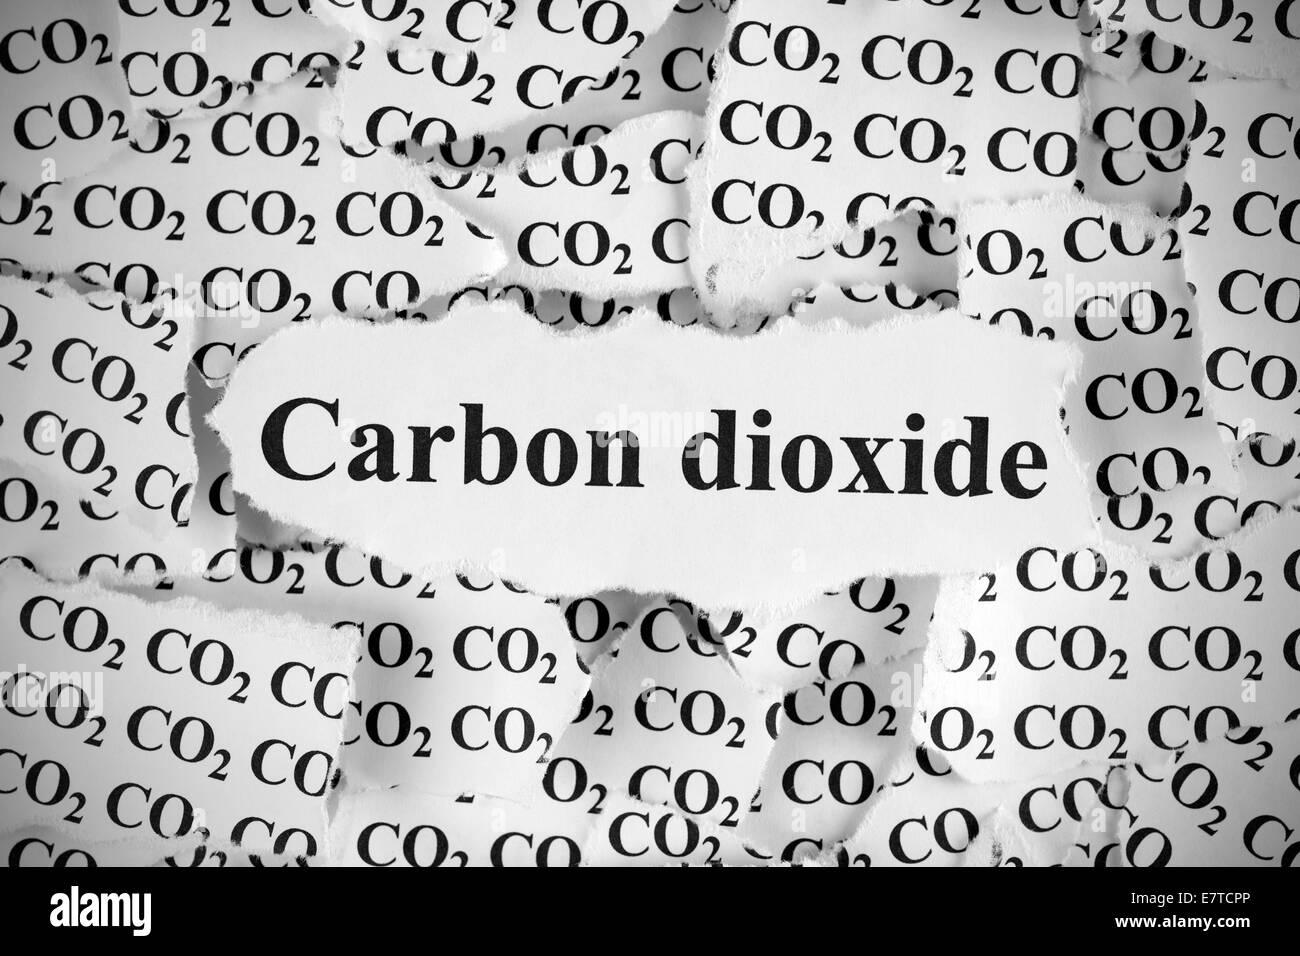 """Pezzi di carta strappati con la parola """"Biossido di carbonio"""". In bianco e nero. Close-up. Immagini Stock"""